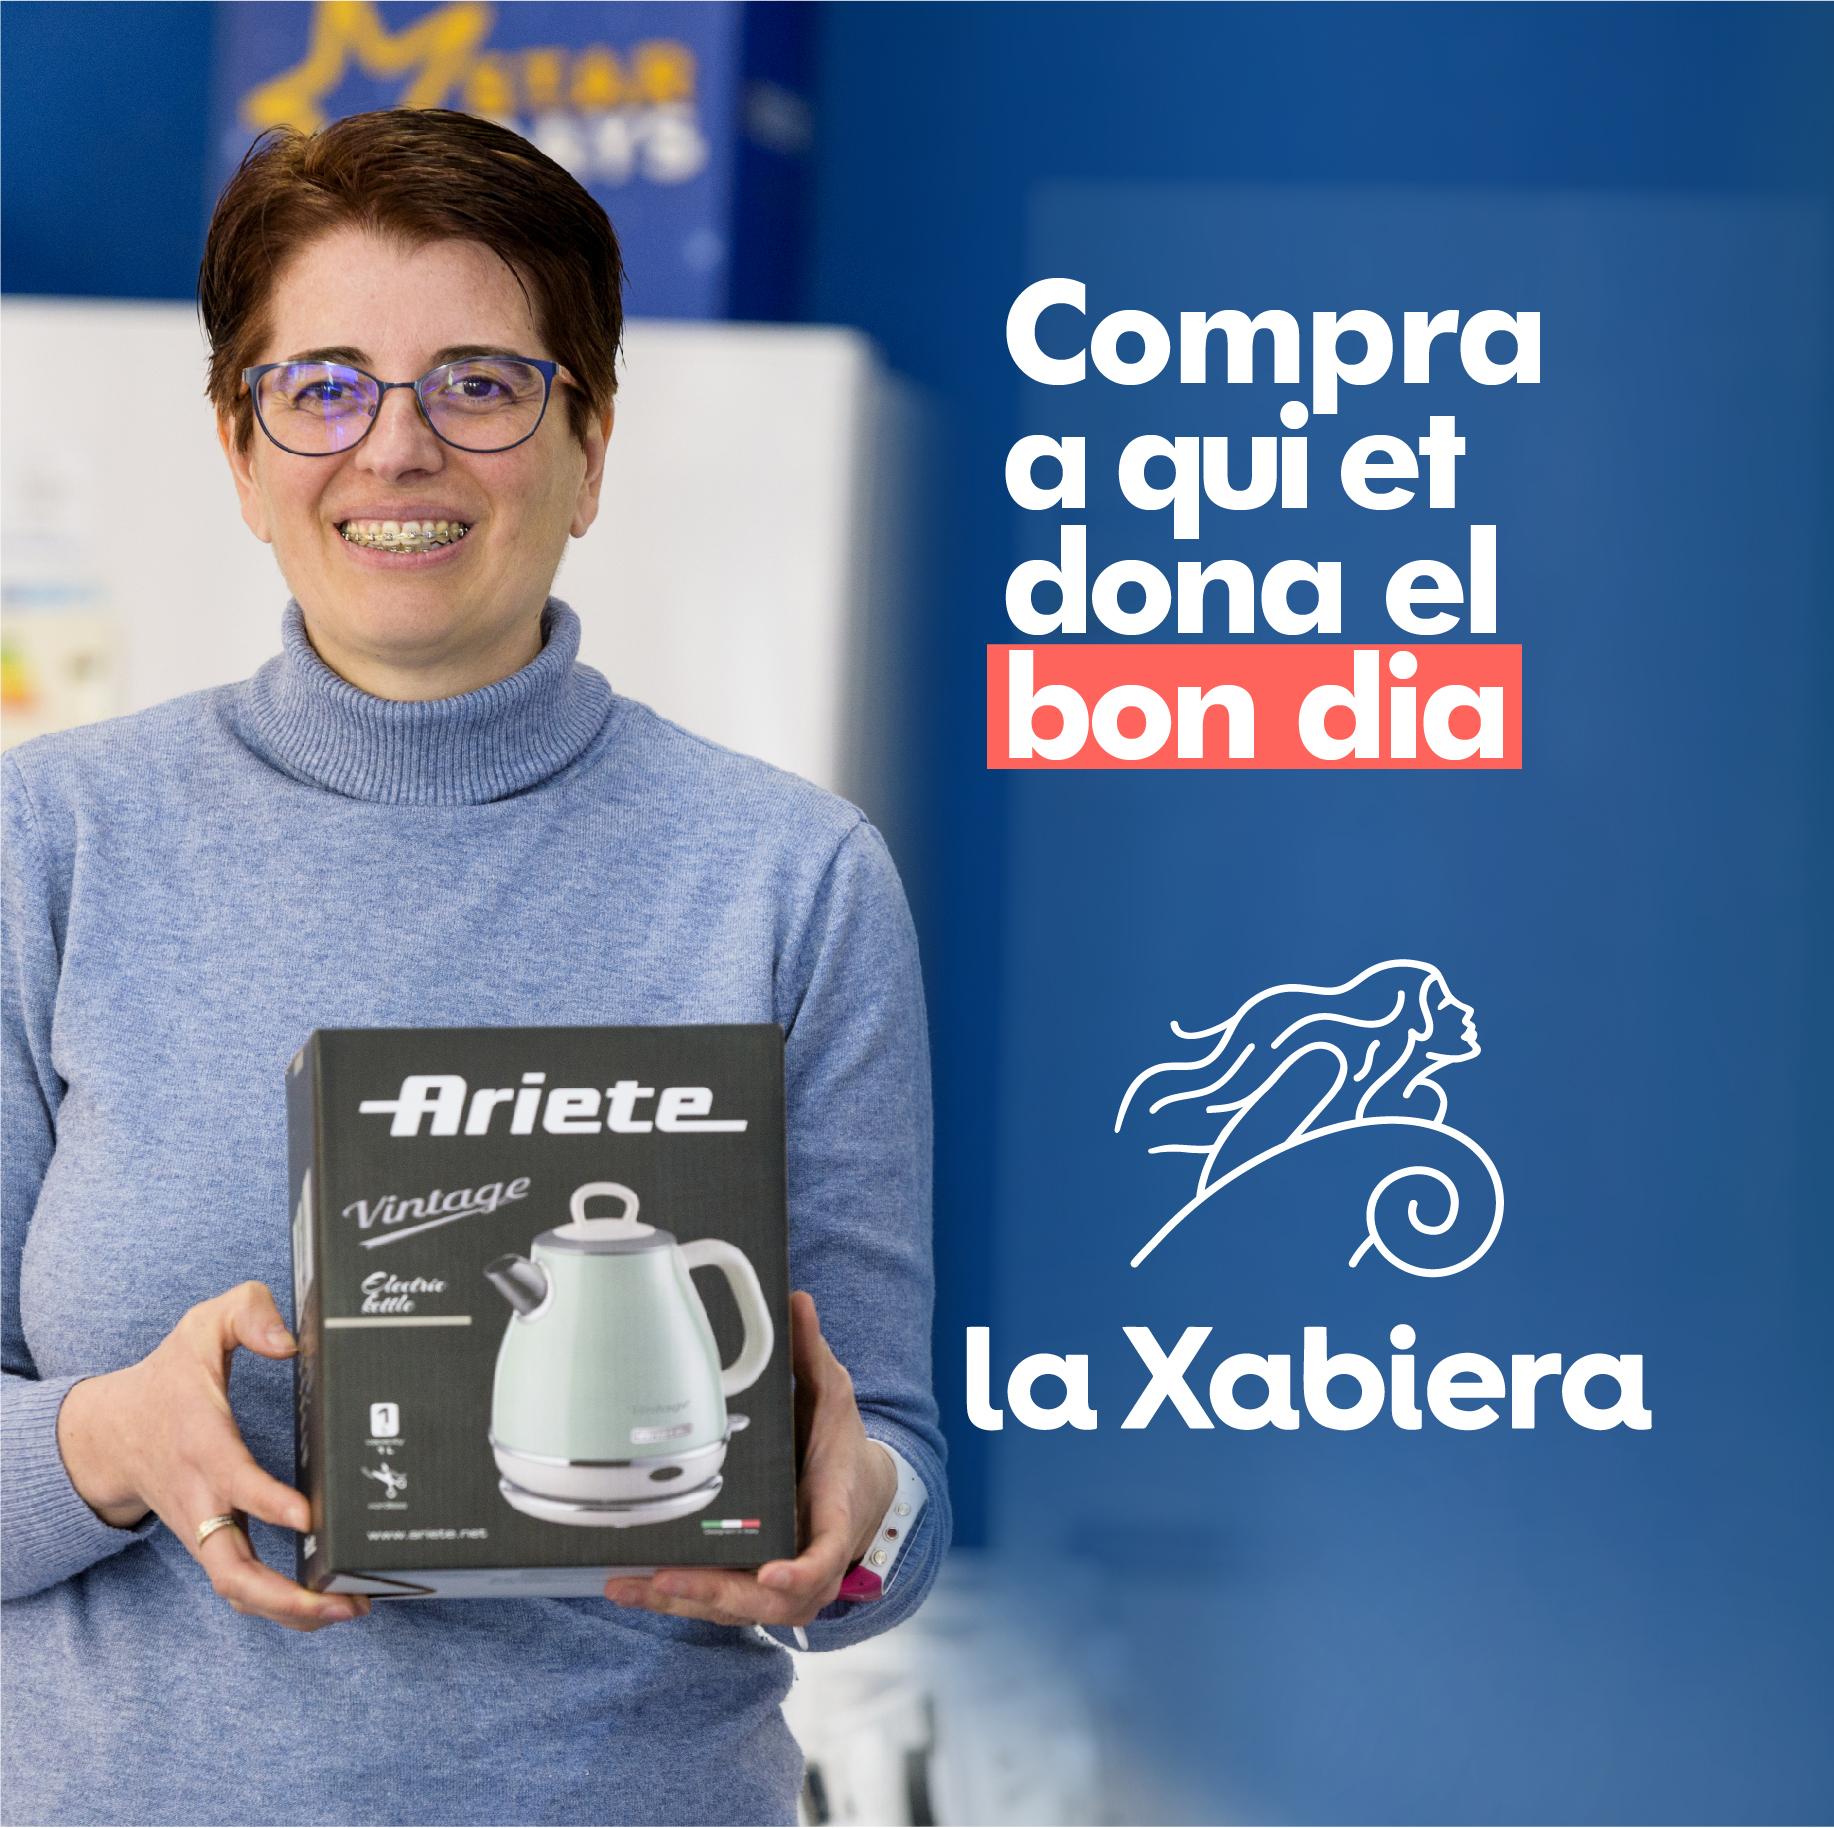 Marketing y comunicación para La Xabiera